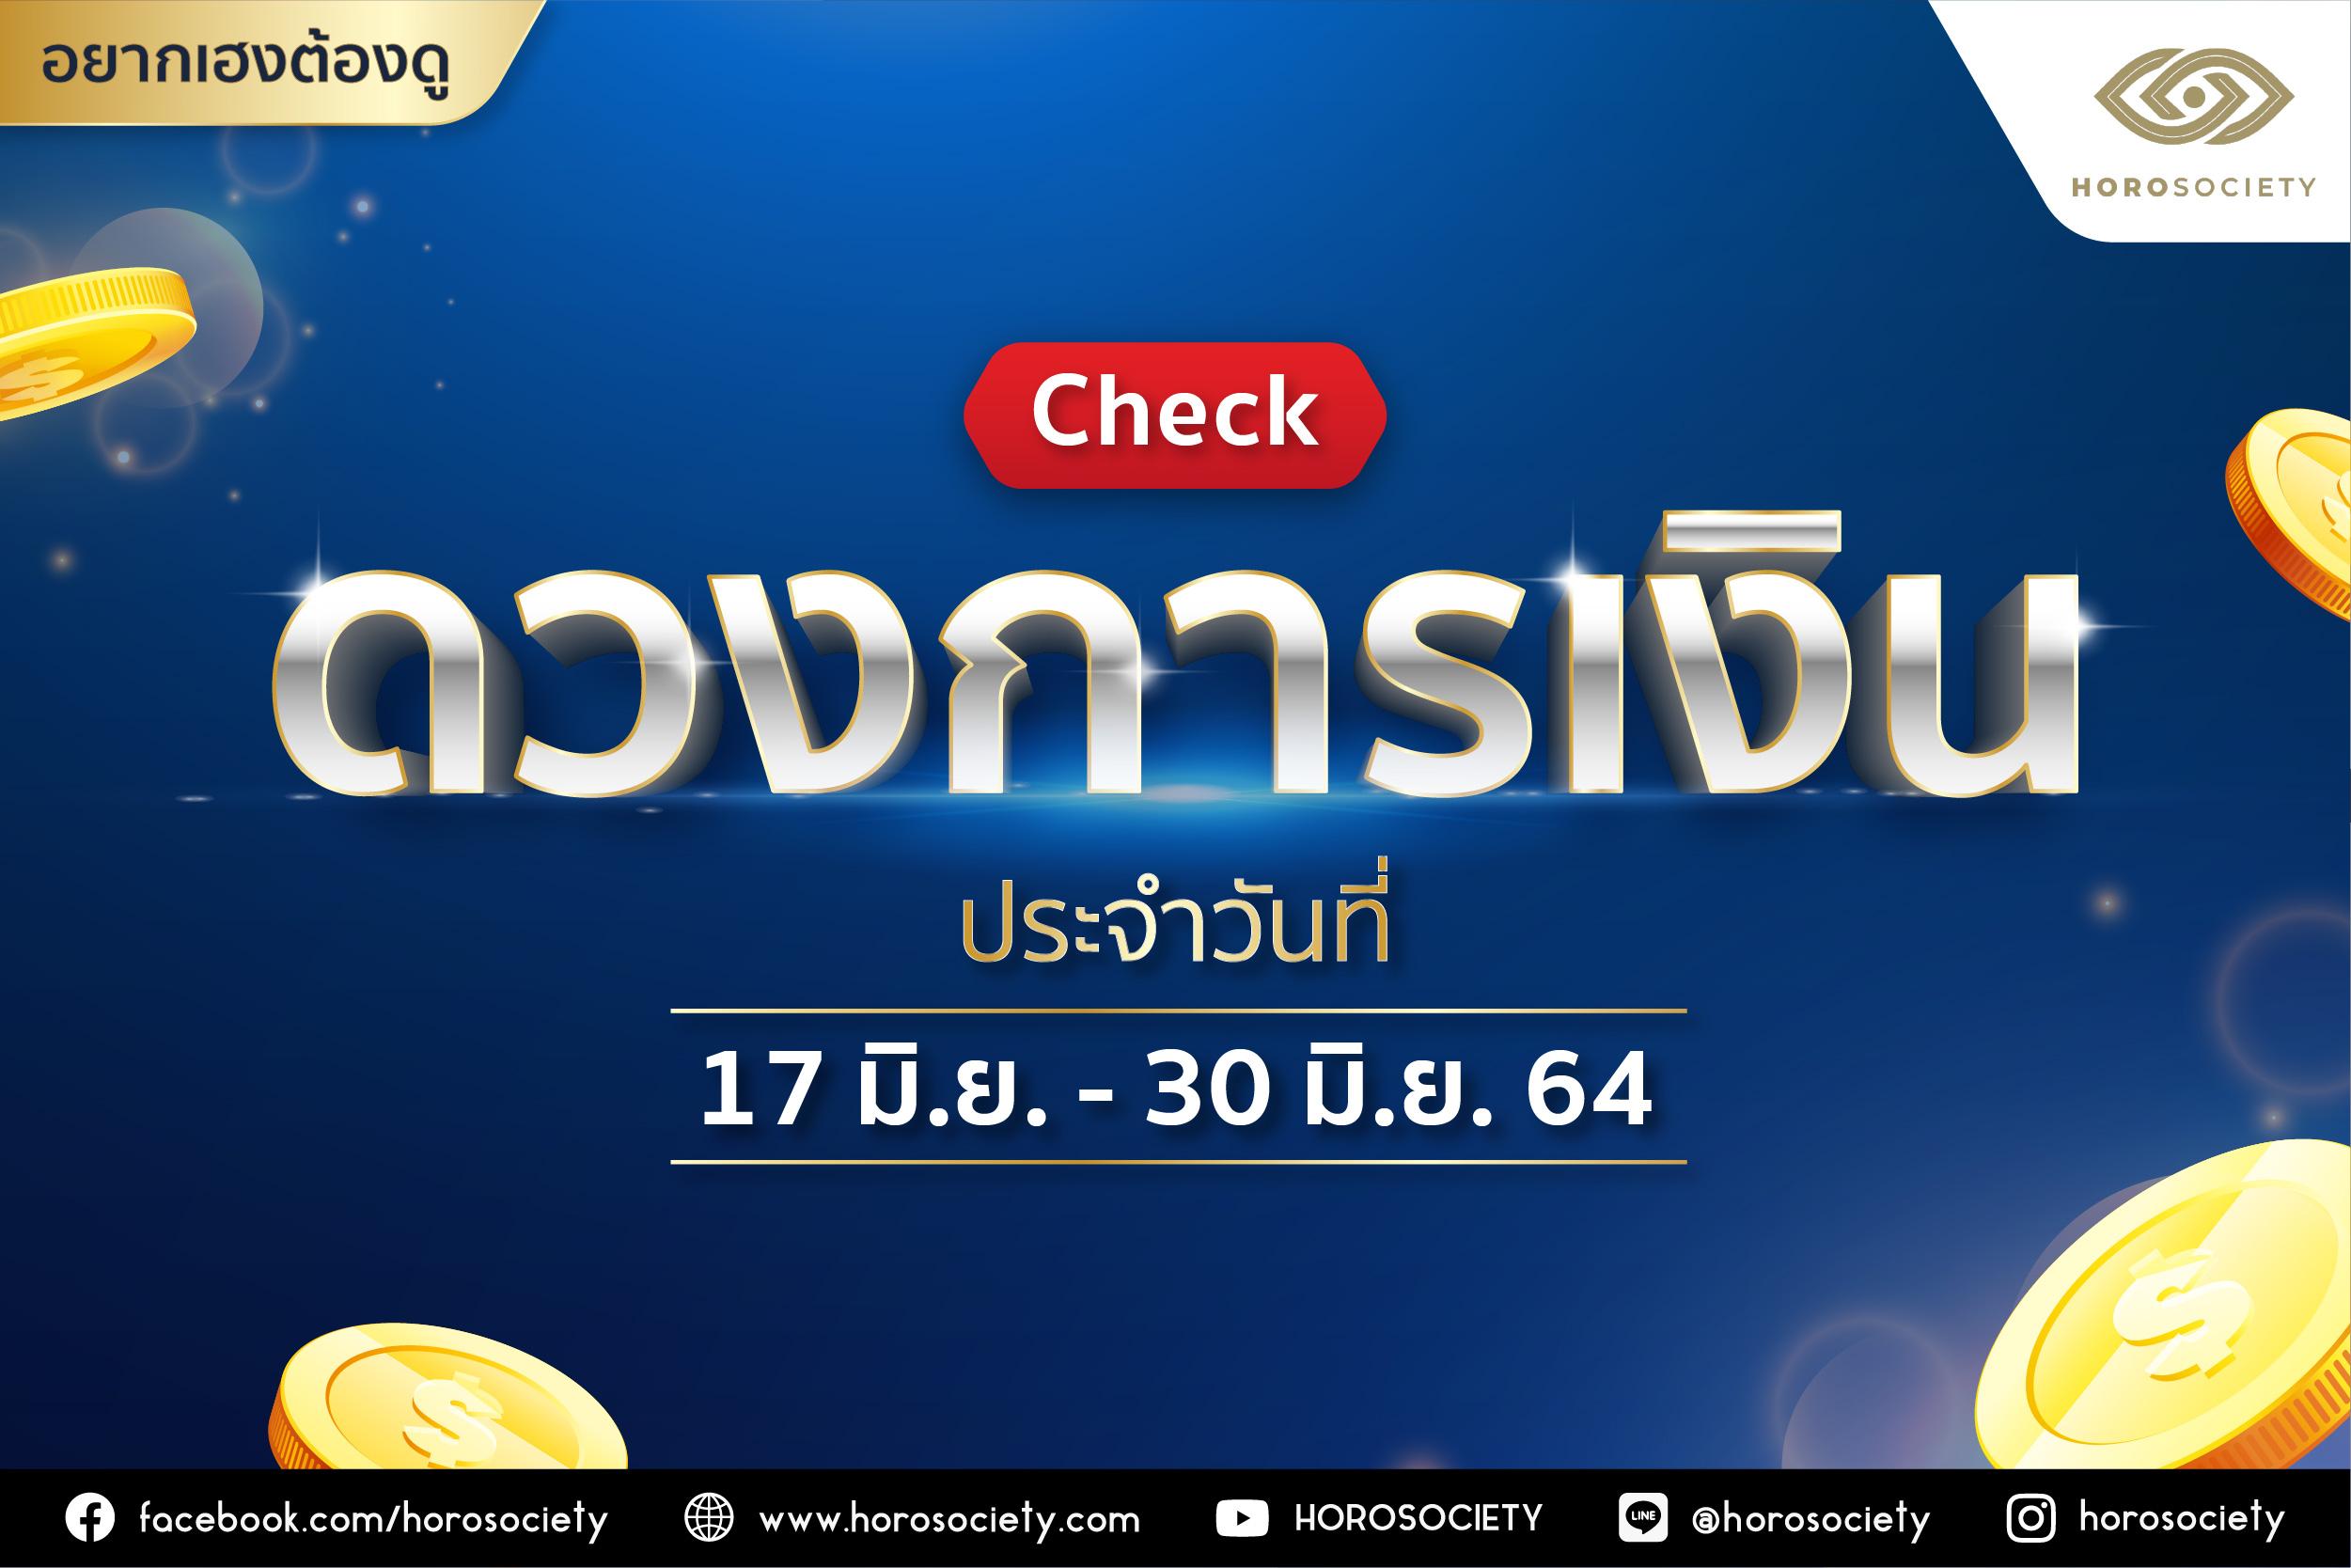 เช็กดวงการเงินประจำวันที่ 17-30 มิถุนายน 2564 โดย Horosociety